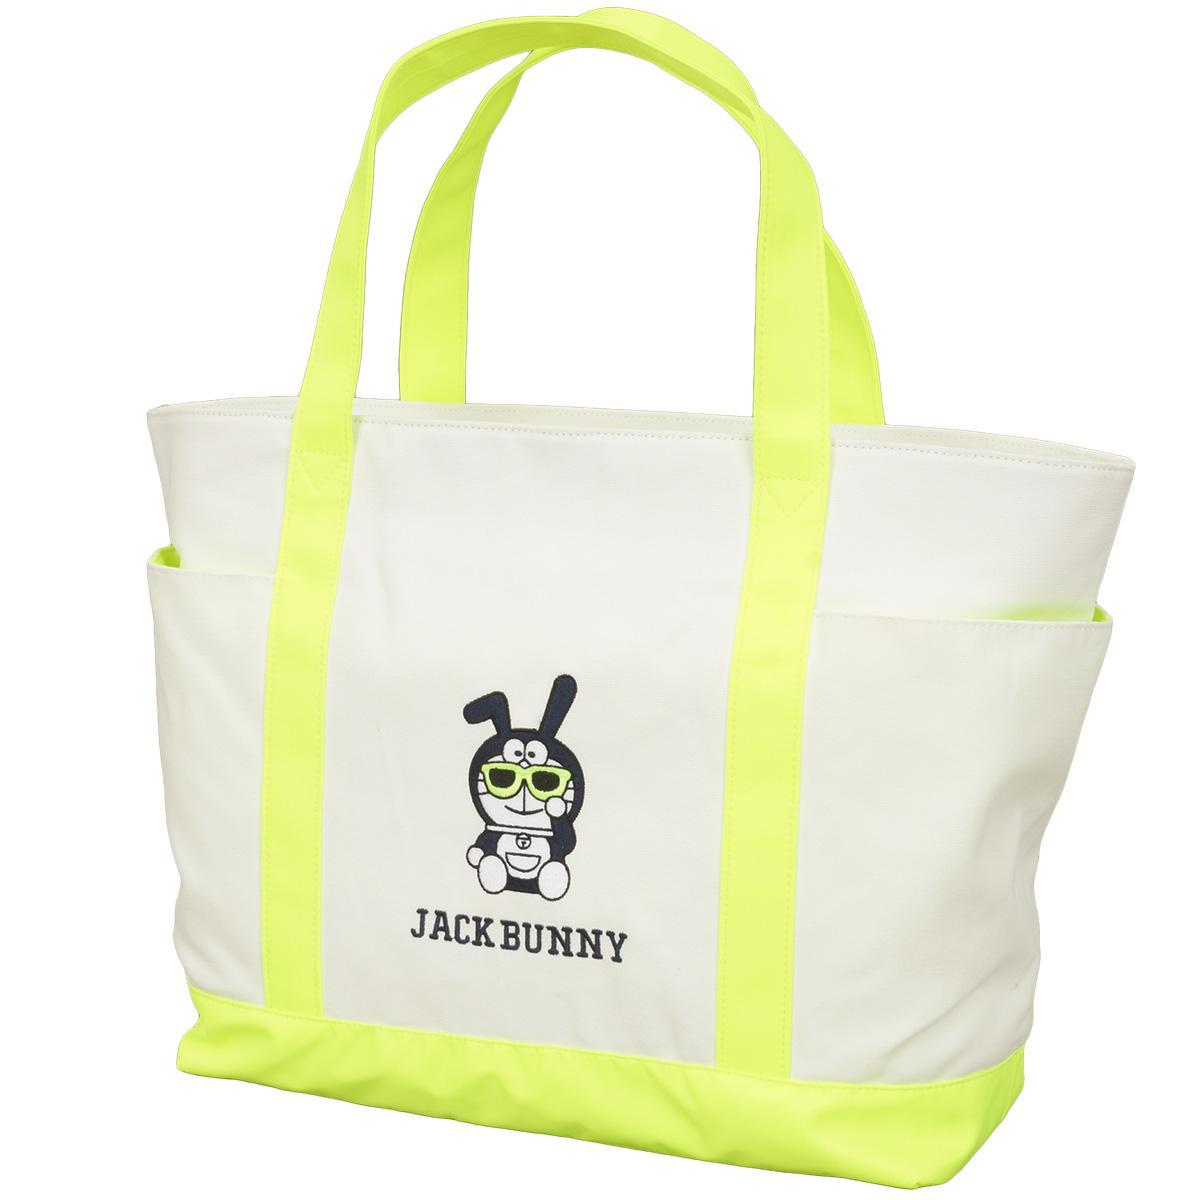 【11/30(土)0時~23時59分まで!最大2400円OFFクーポン配布♪】ジャックバニー Jack Bunny!! ドラえもん サングラストートバッグ(大)